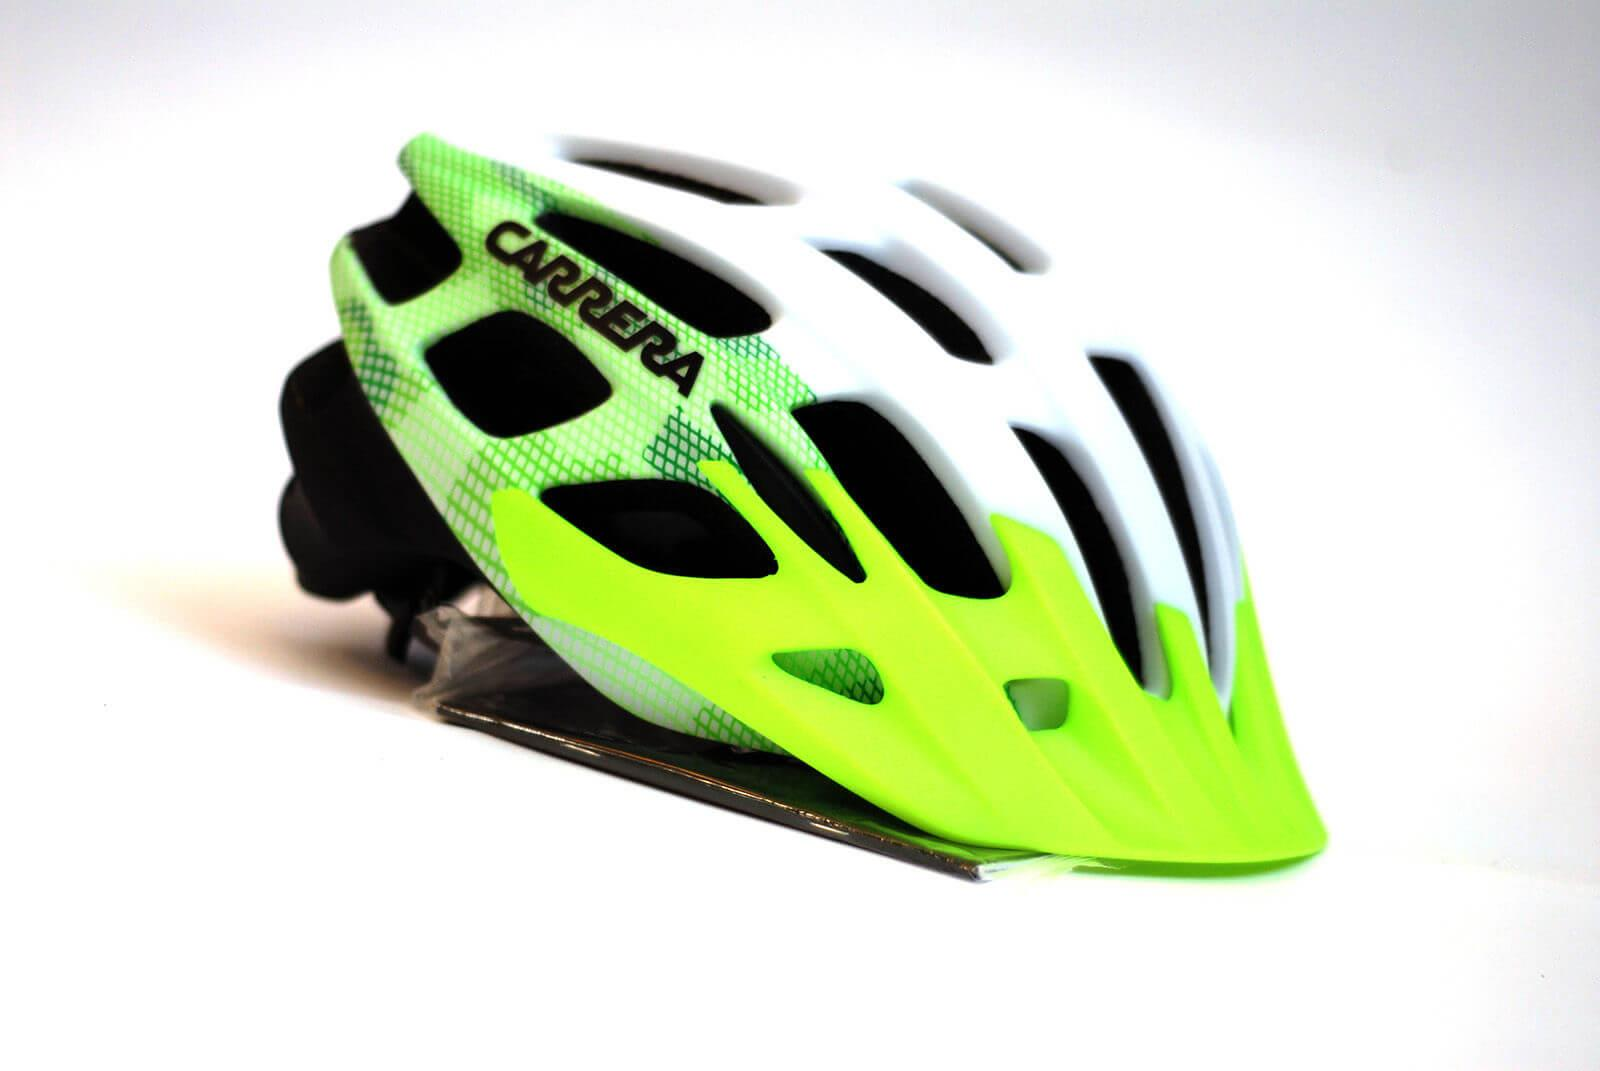 Carrera Edge 58 62 Wt Fl Grn Blk Mat Bisiklet Kaskı CA4227765862